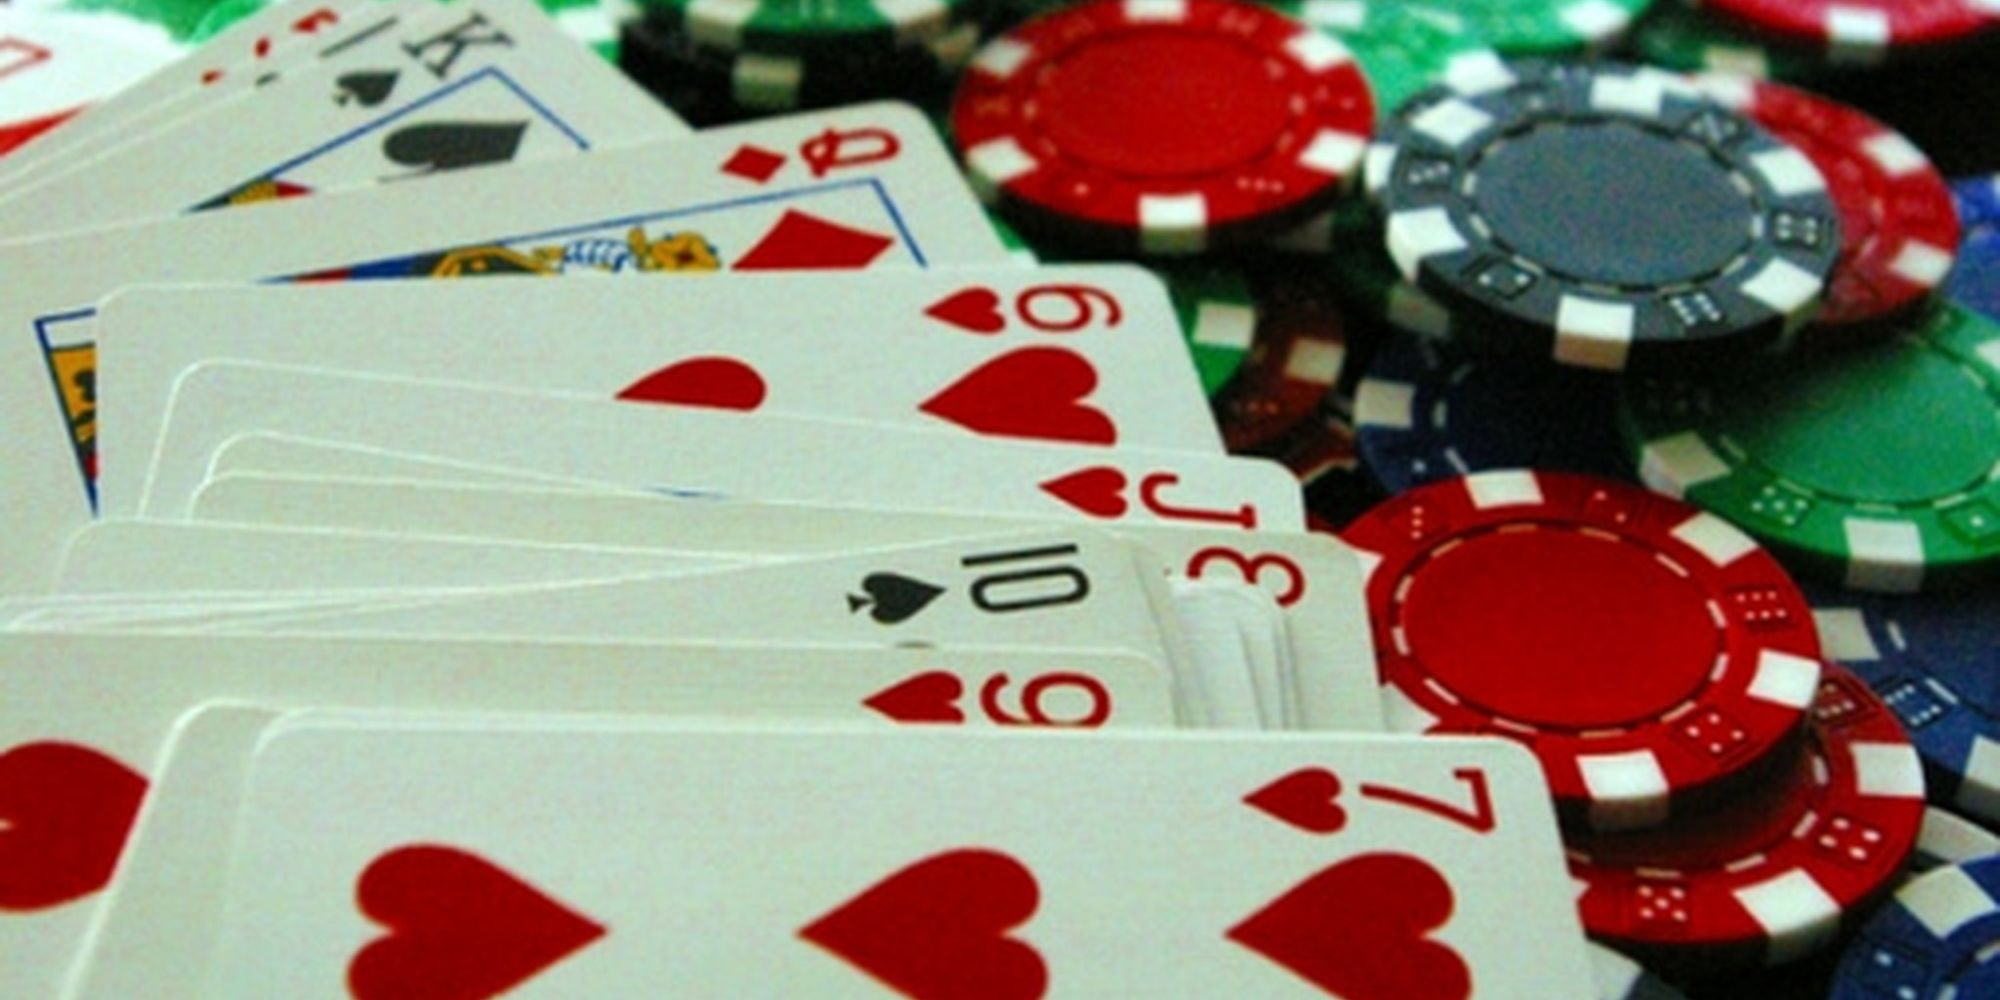 Bagaimana-Cara-Memenangkan-Game-Poker-di-W88-2